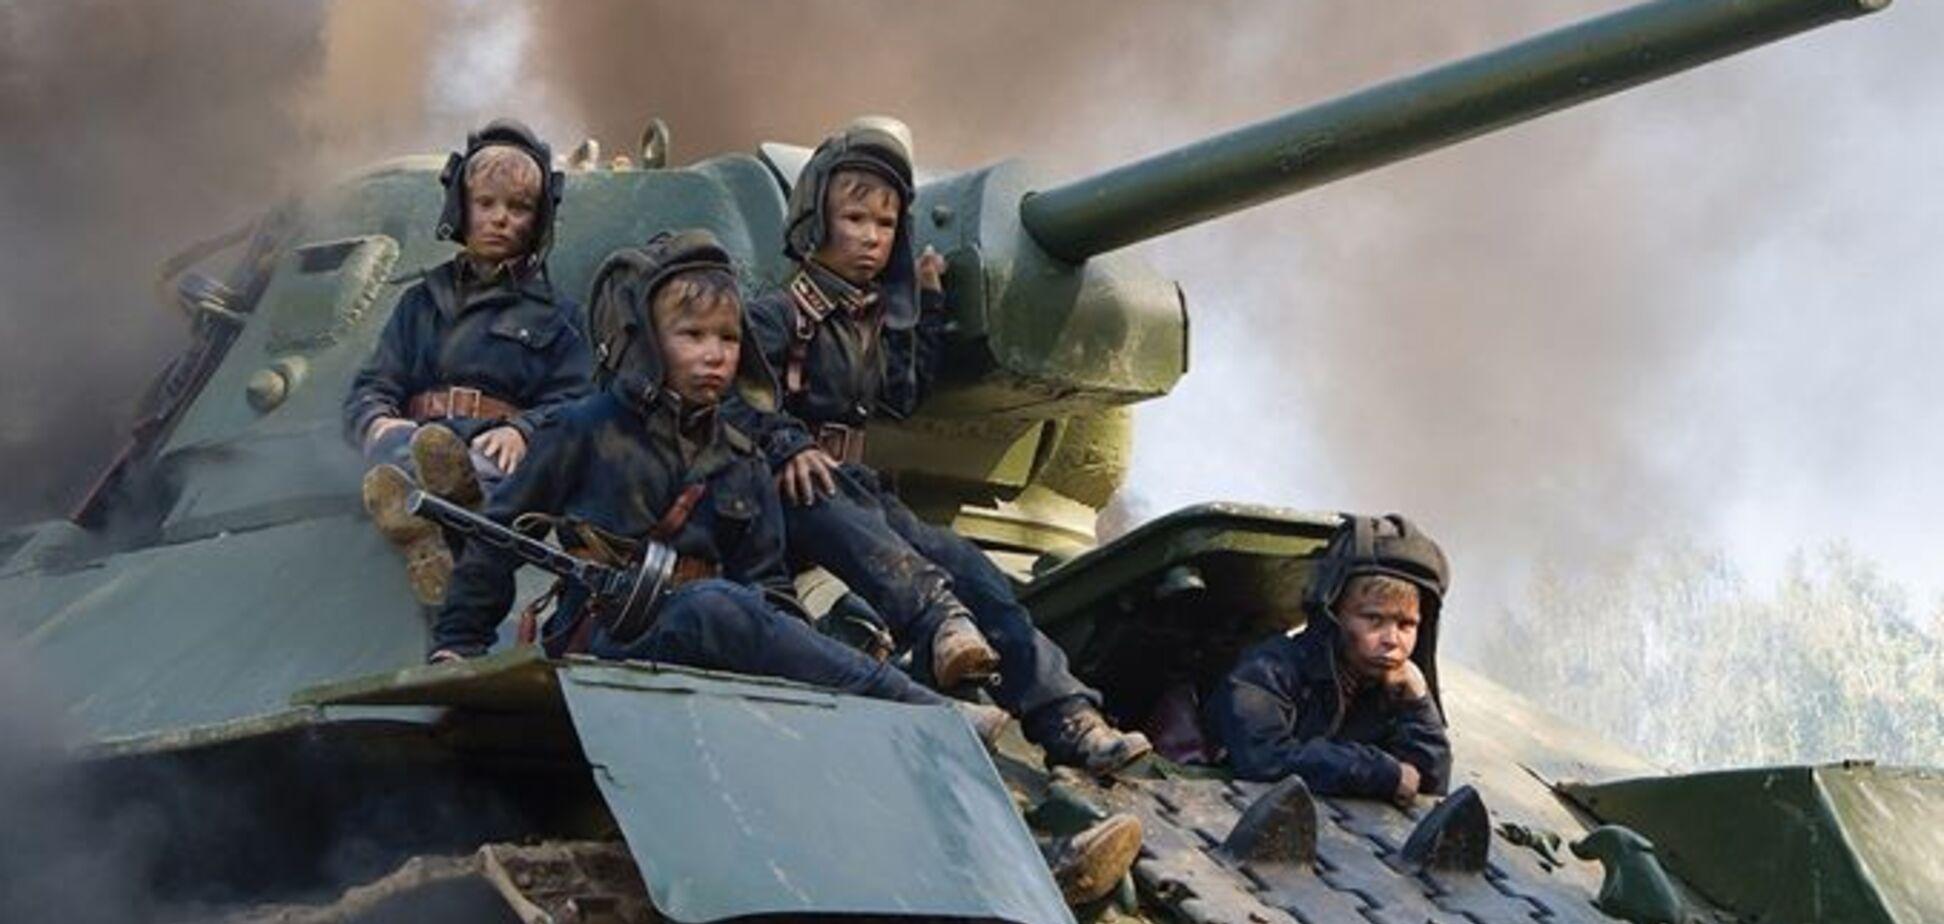 '75 лет Победы': в сети появились фото скандального календаря с окровавленными детьми